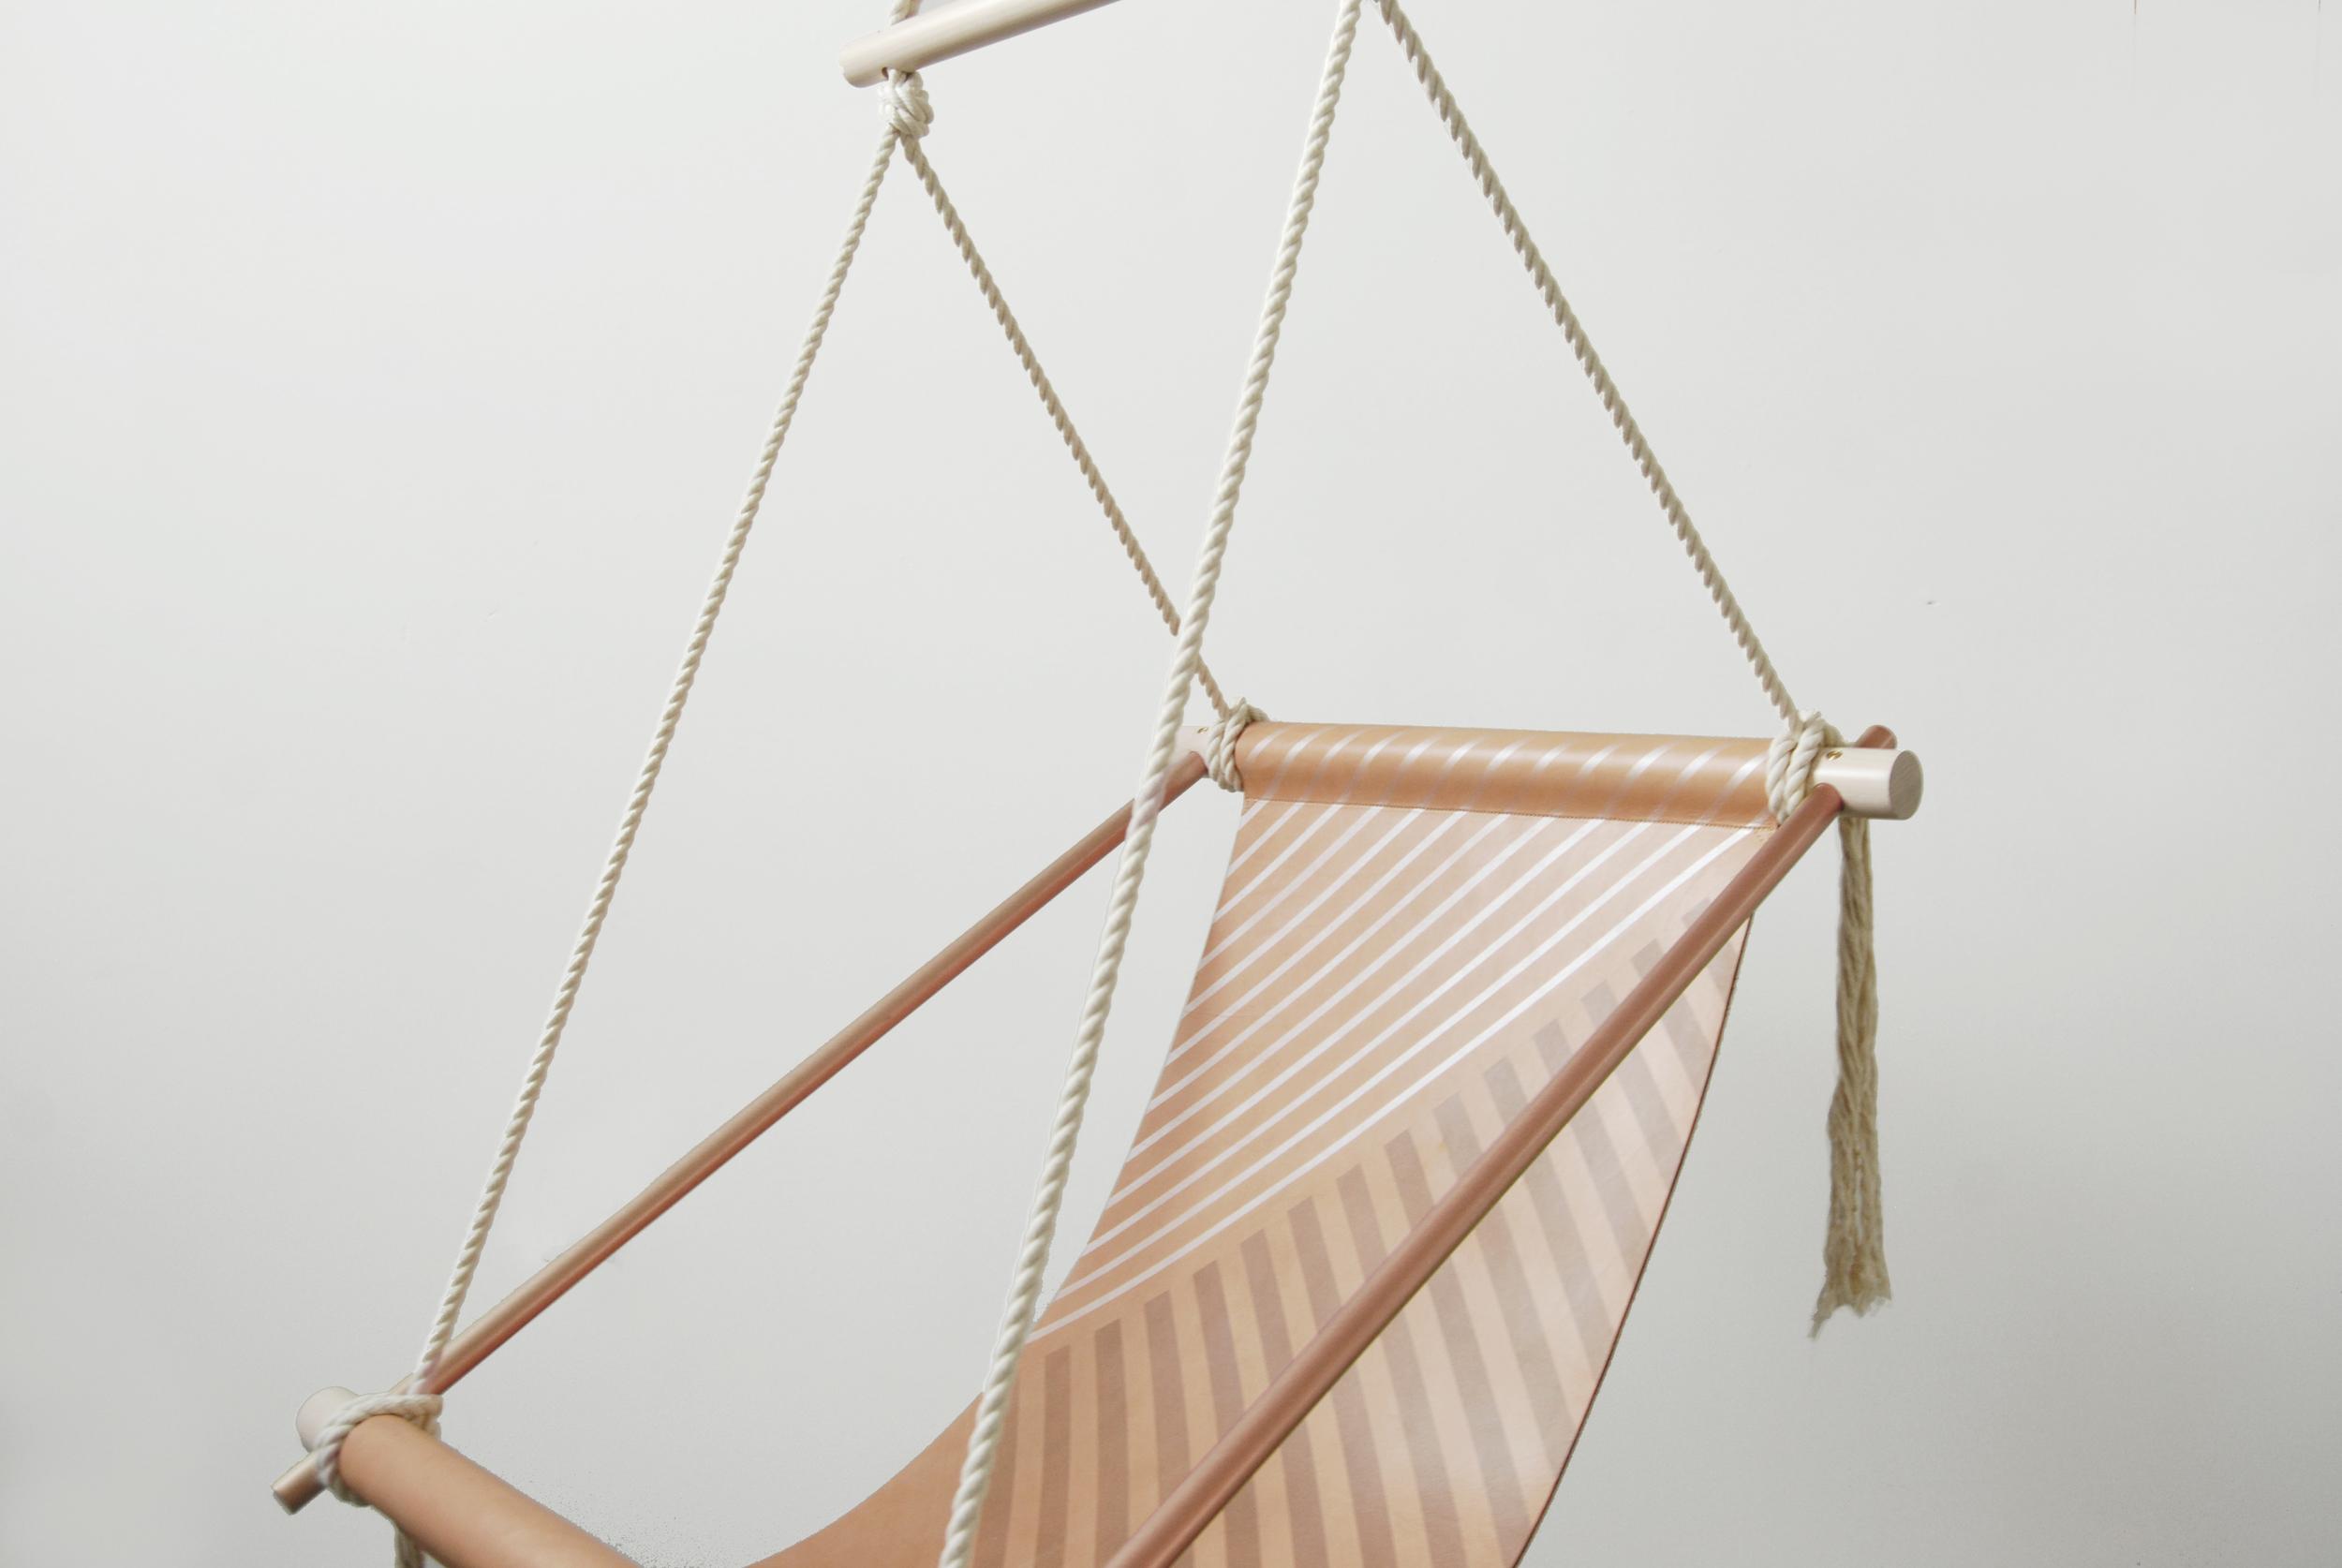 avo ovis hanging_plain bkgrnd_copper2.jpg